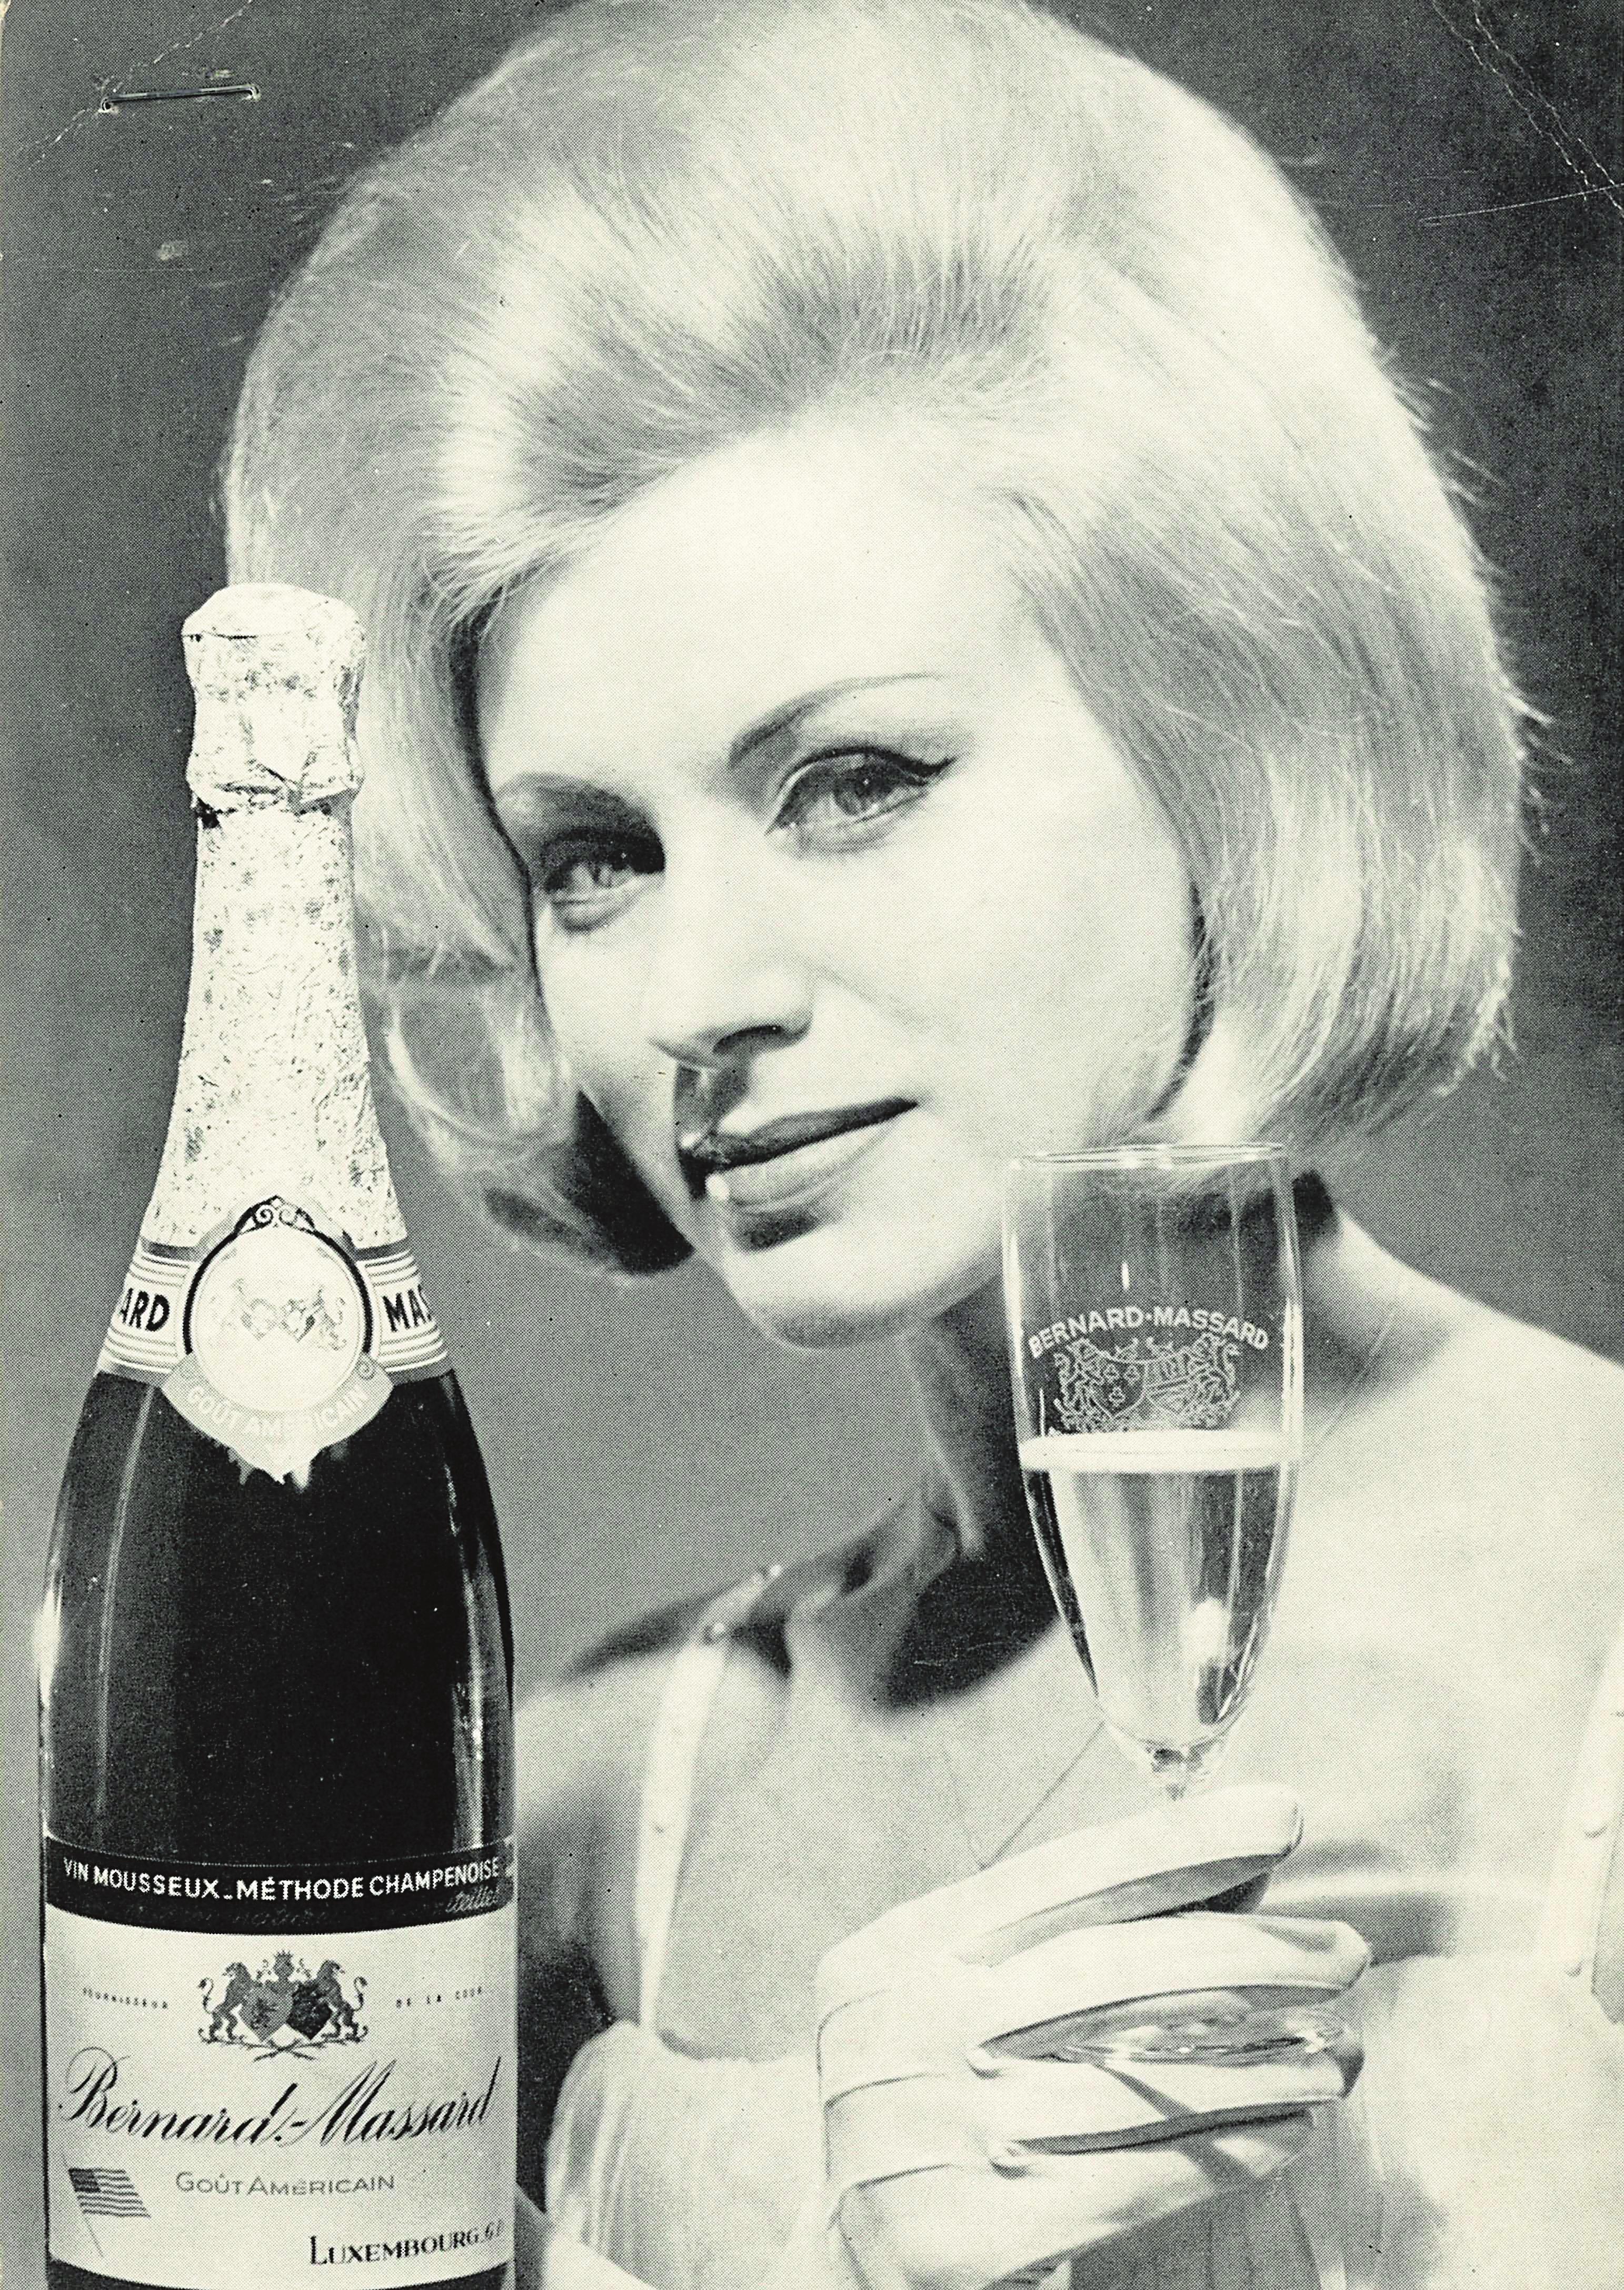 Campagne de publicité des années 50